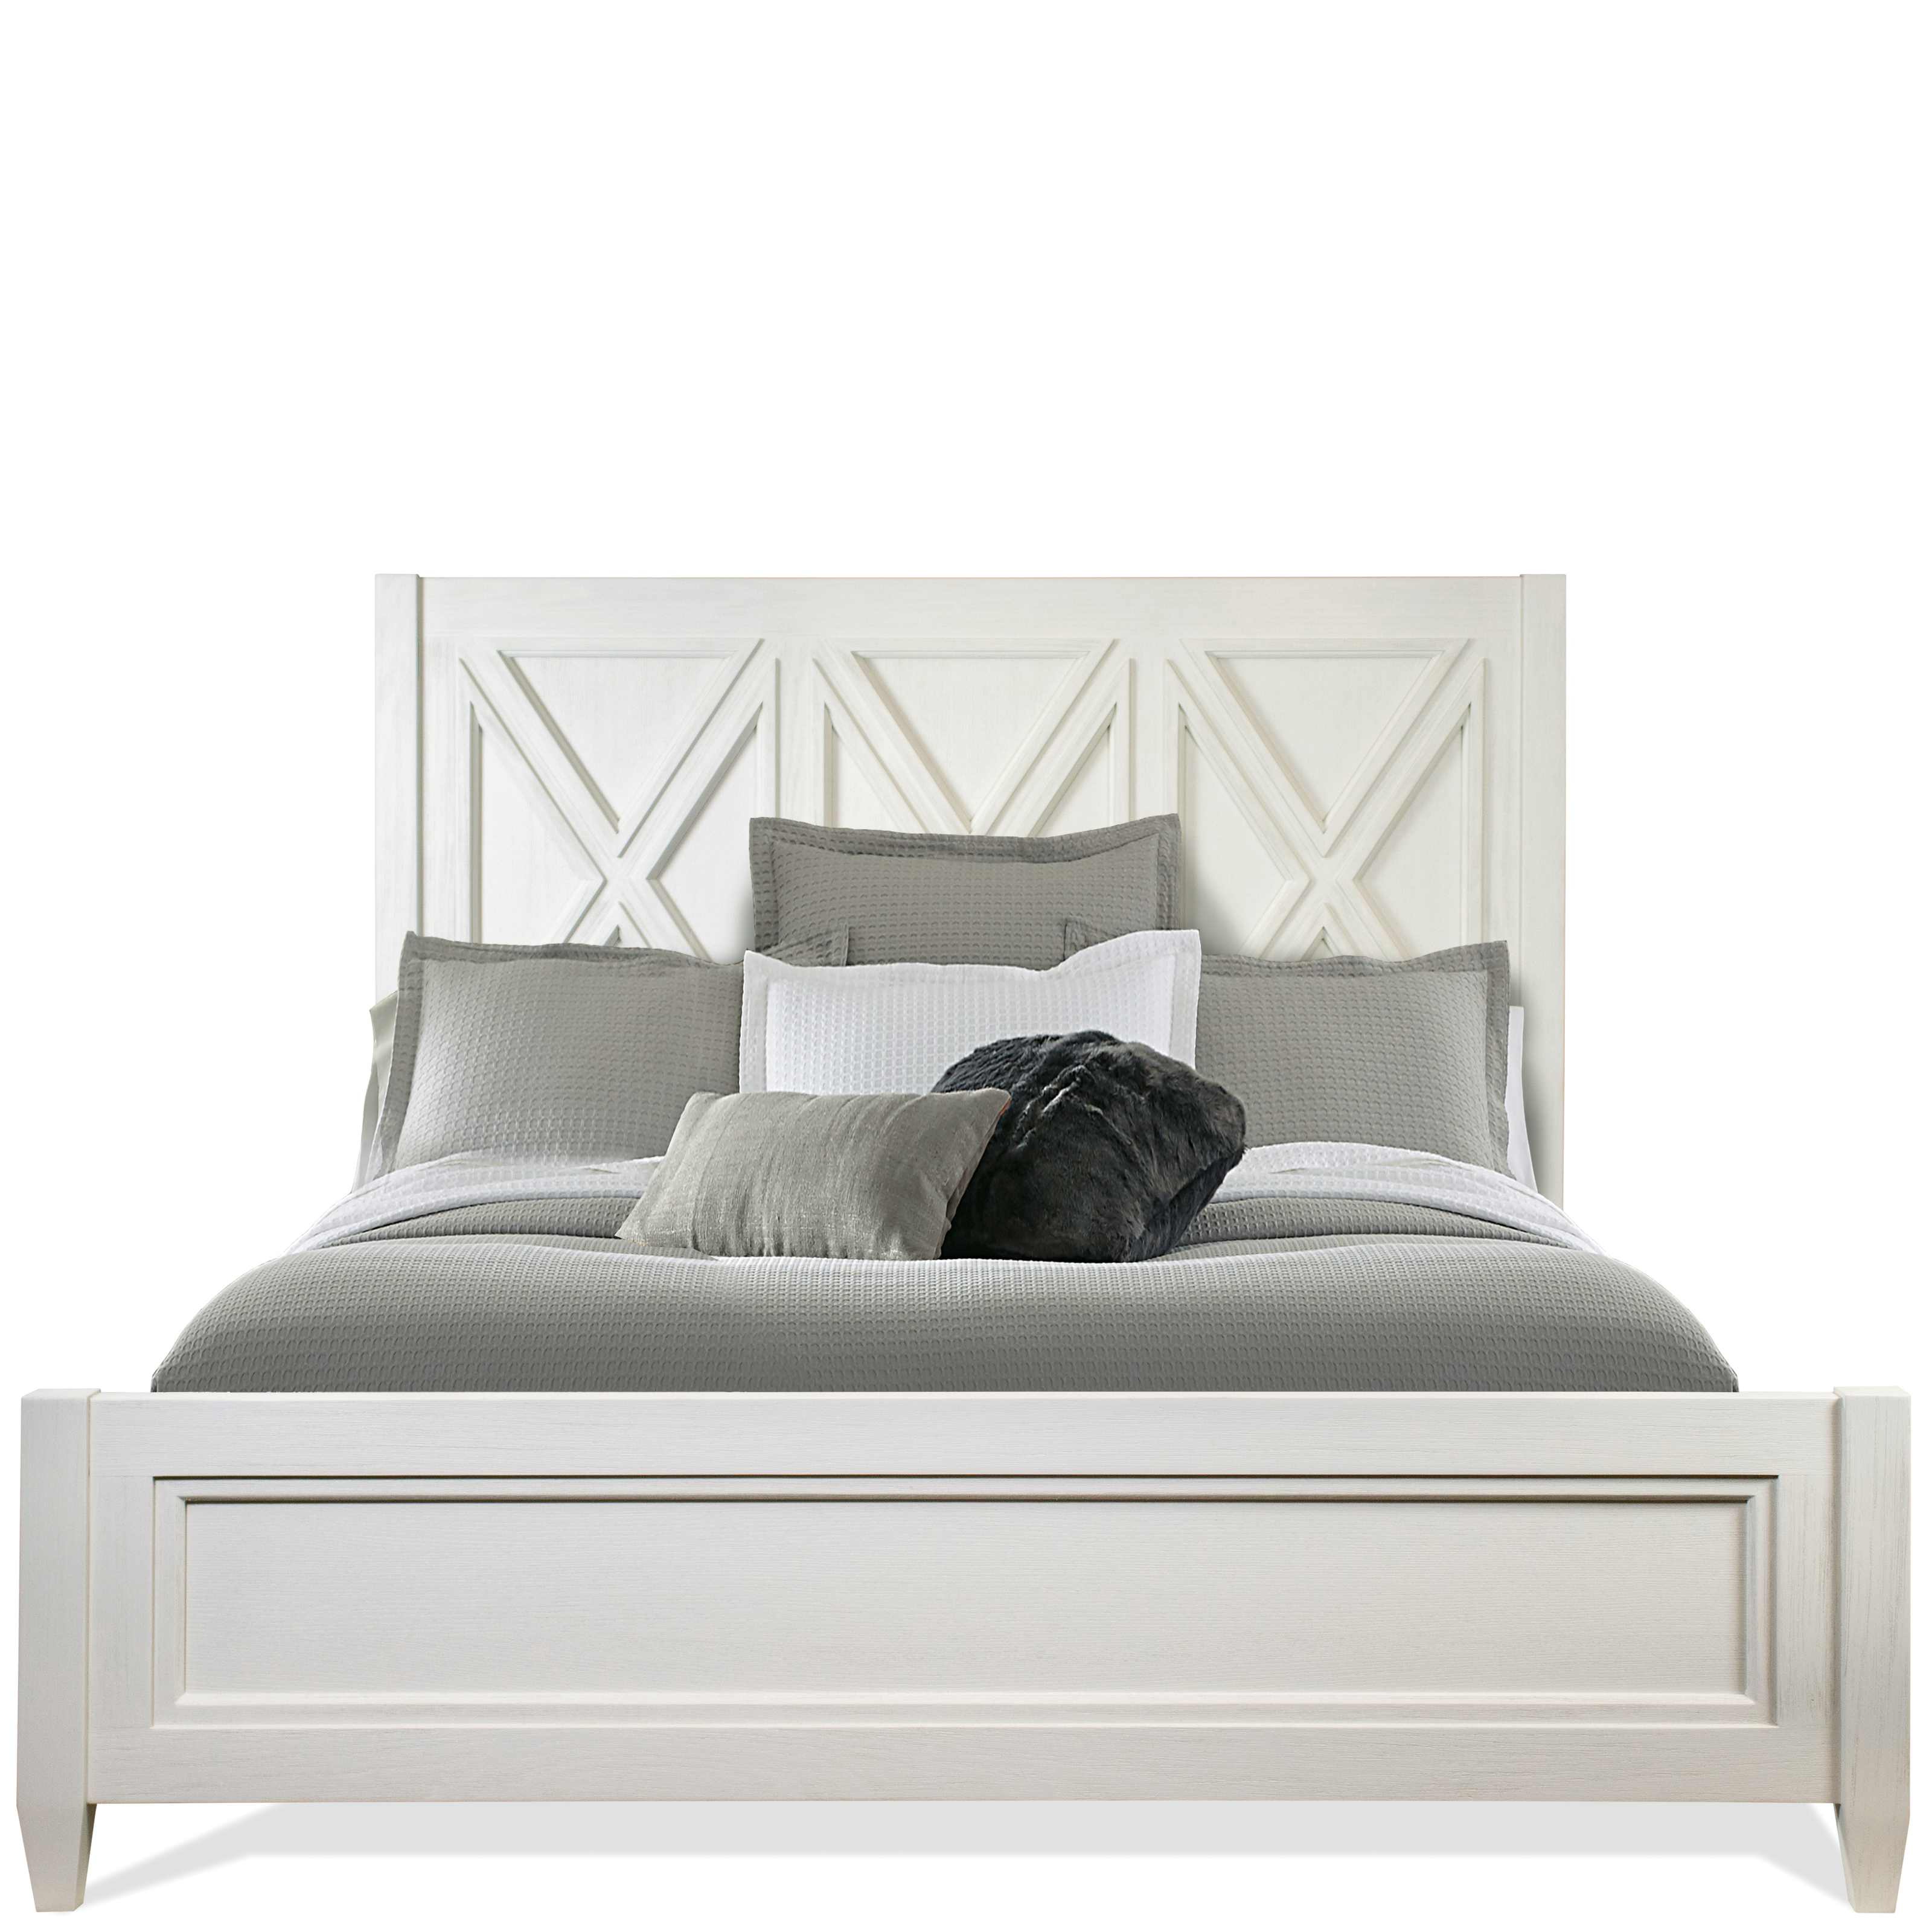 Picture of OSBORNE QUEEN BED